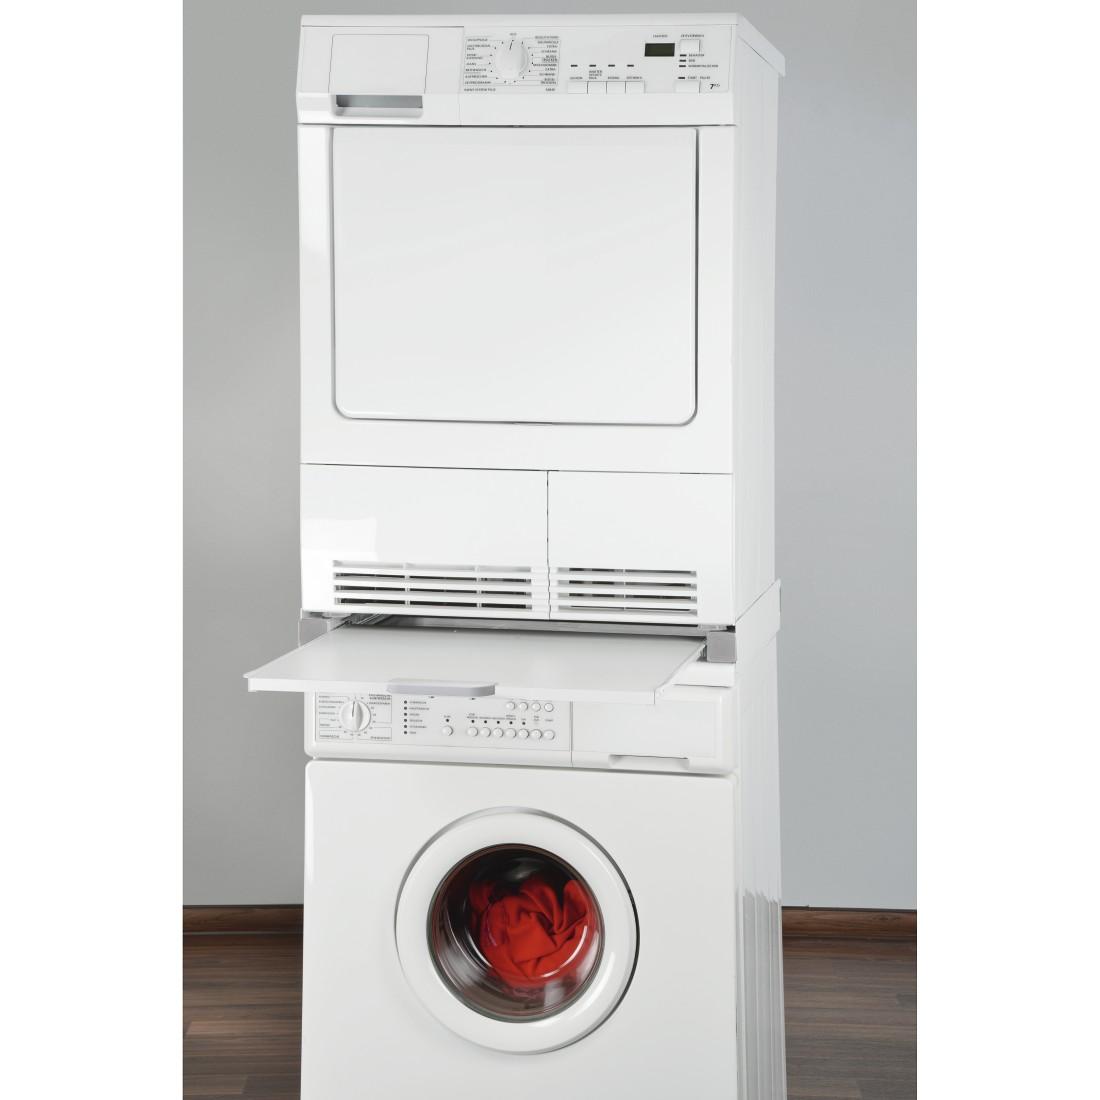 00111363 xavax zwischenbausatz f r waschmaschinen trockner mit ausziehplatte. Black Bedroom Furniture Sets. Home Design Ideas